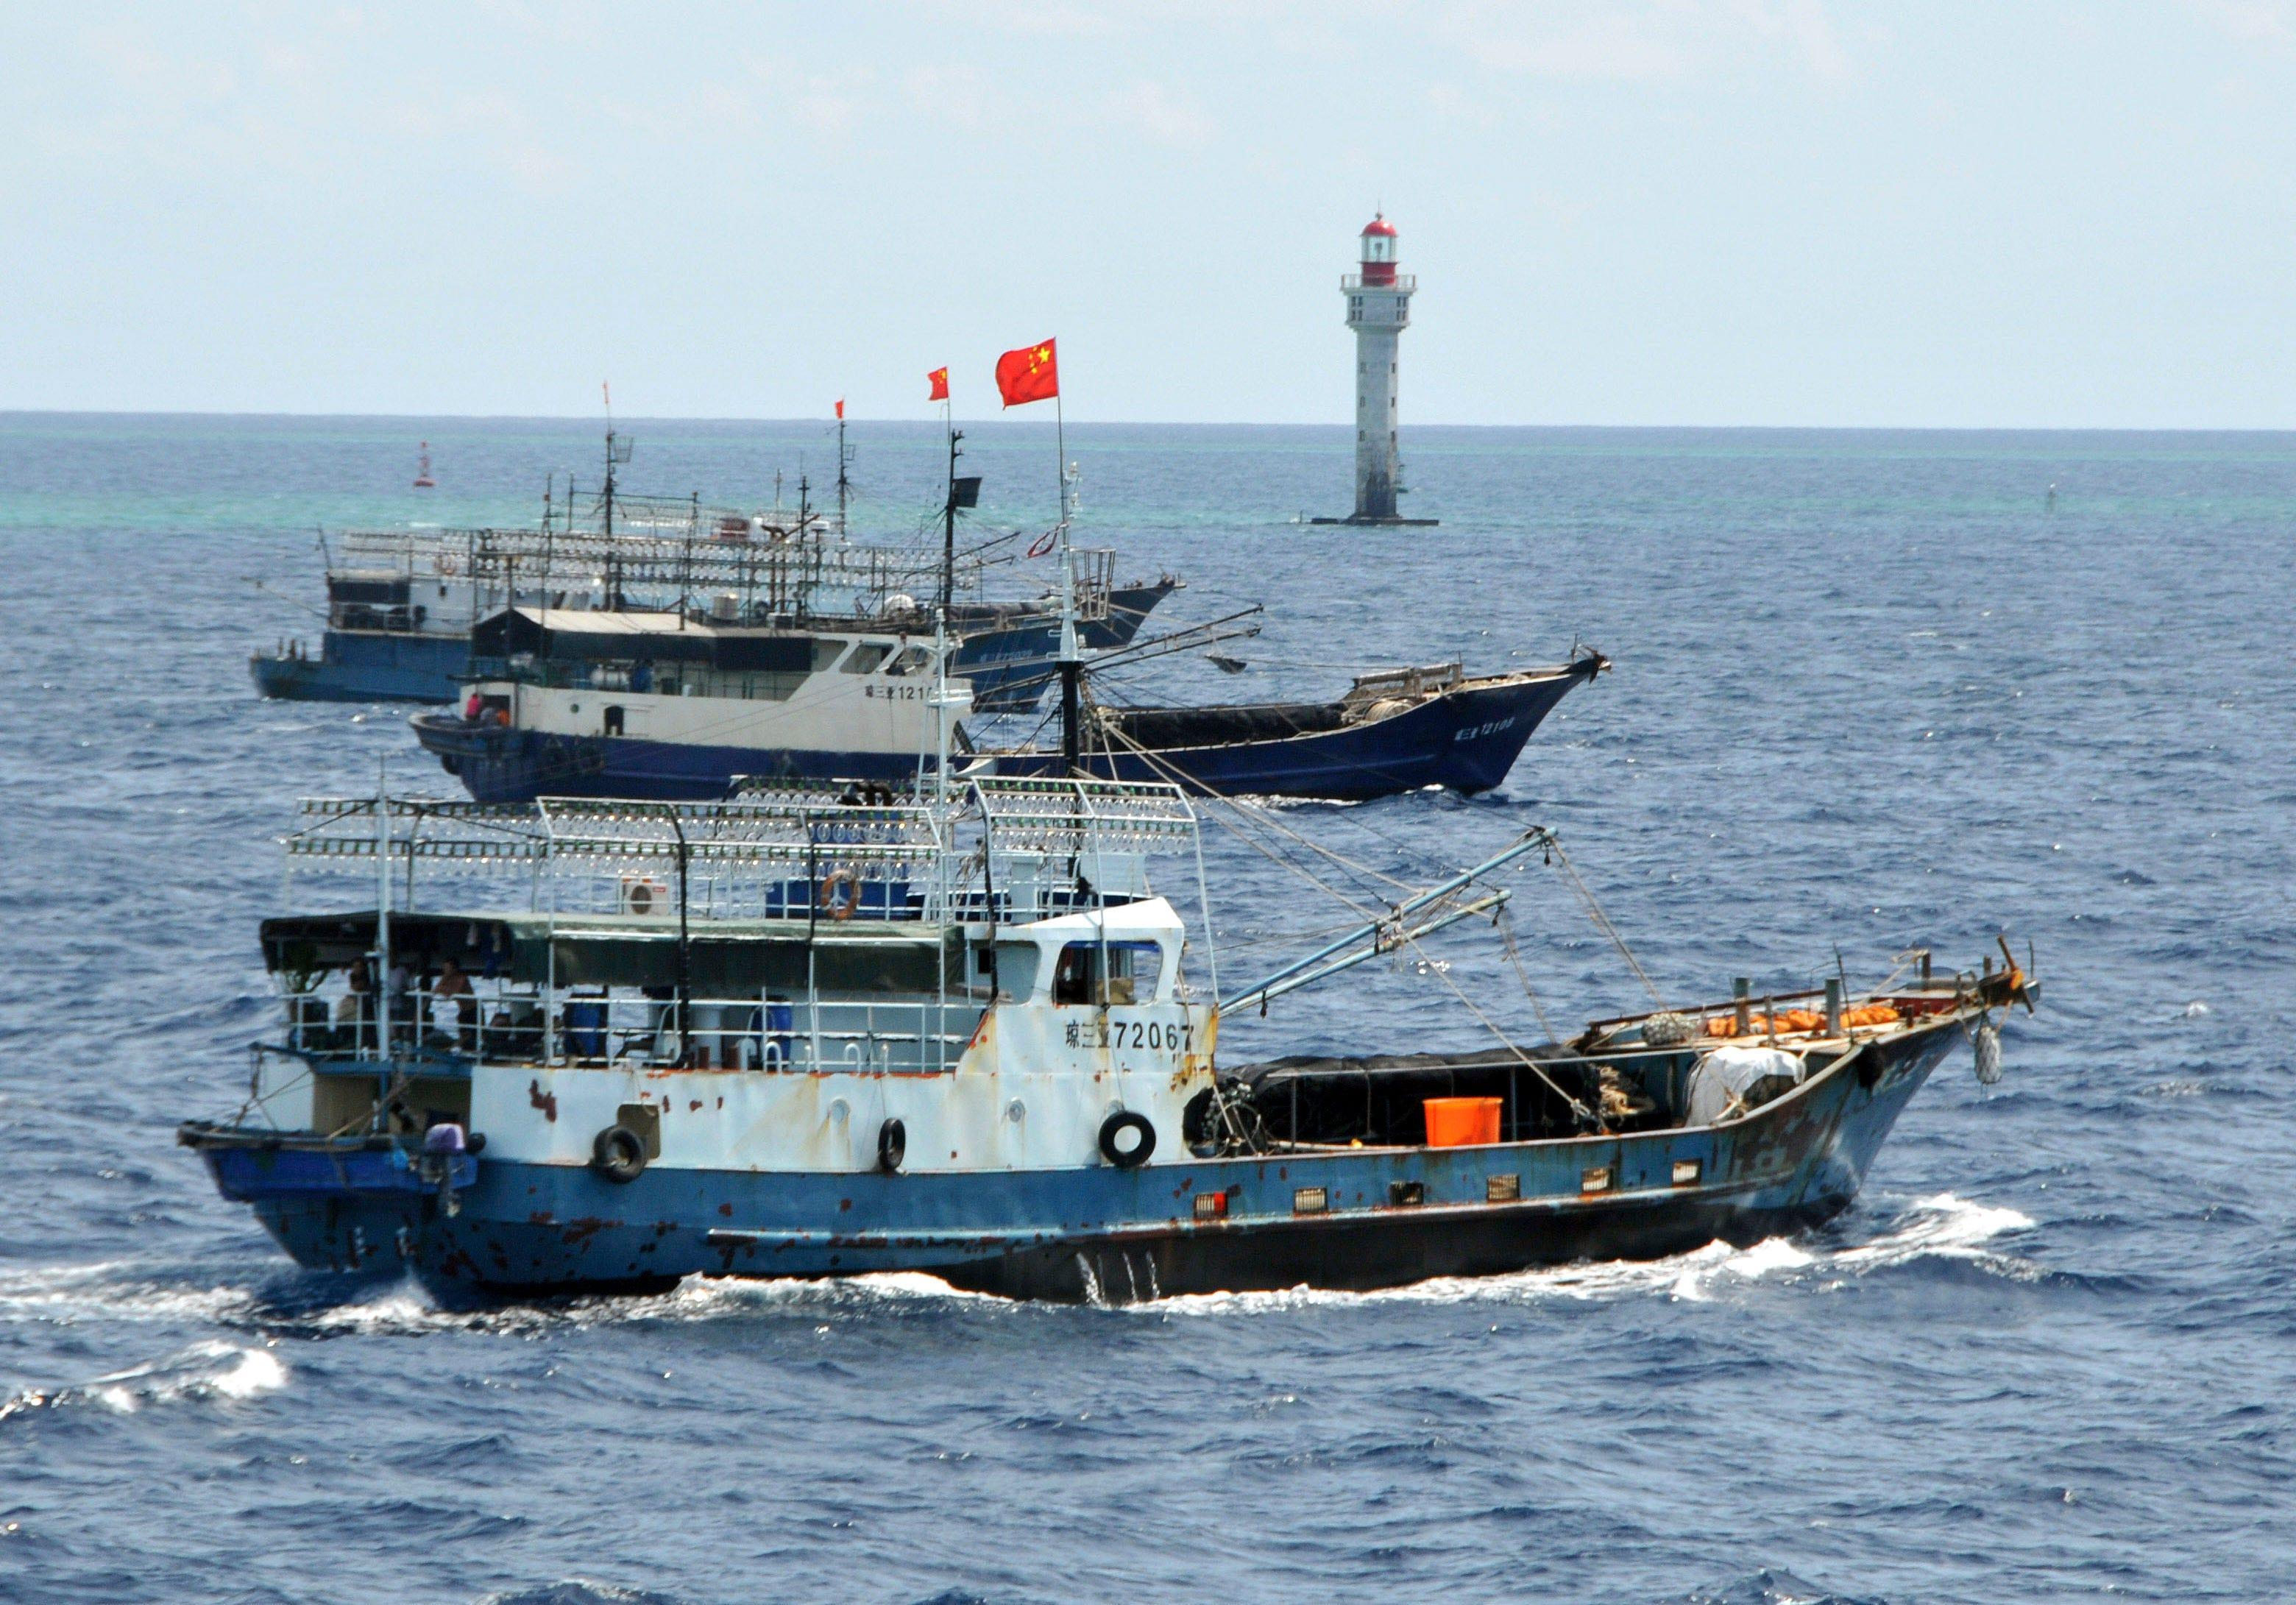 Hạm đội Trung Quốc đánh cá gần vùng biển được bảo vệ của Galapagos, bị cáo buộc làm sai lệch vị trí GPS